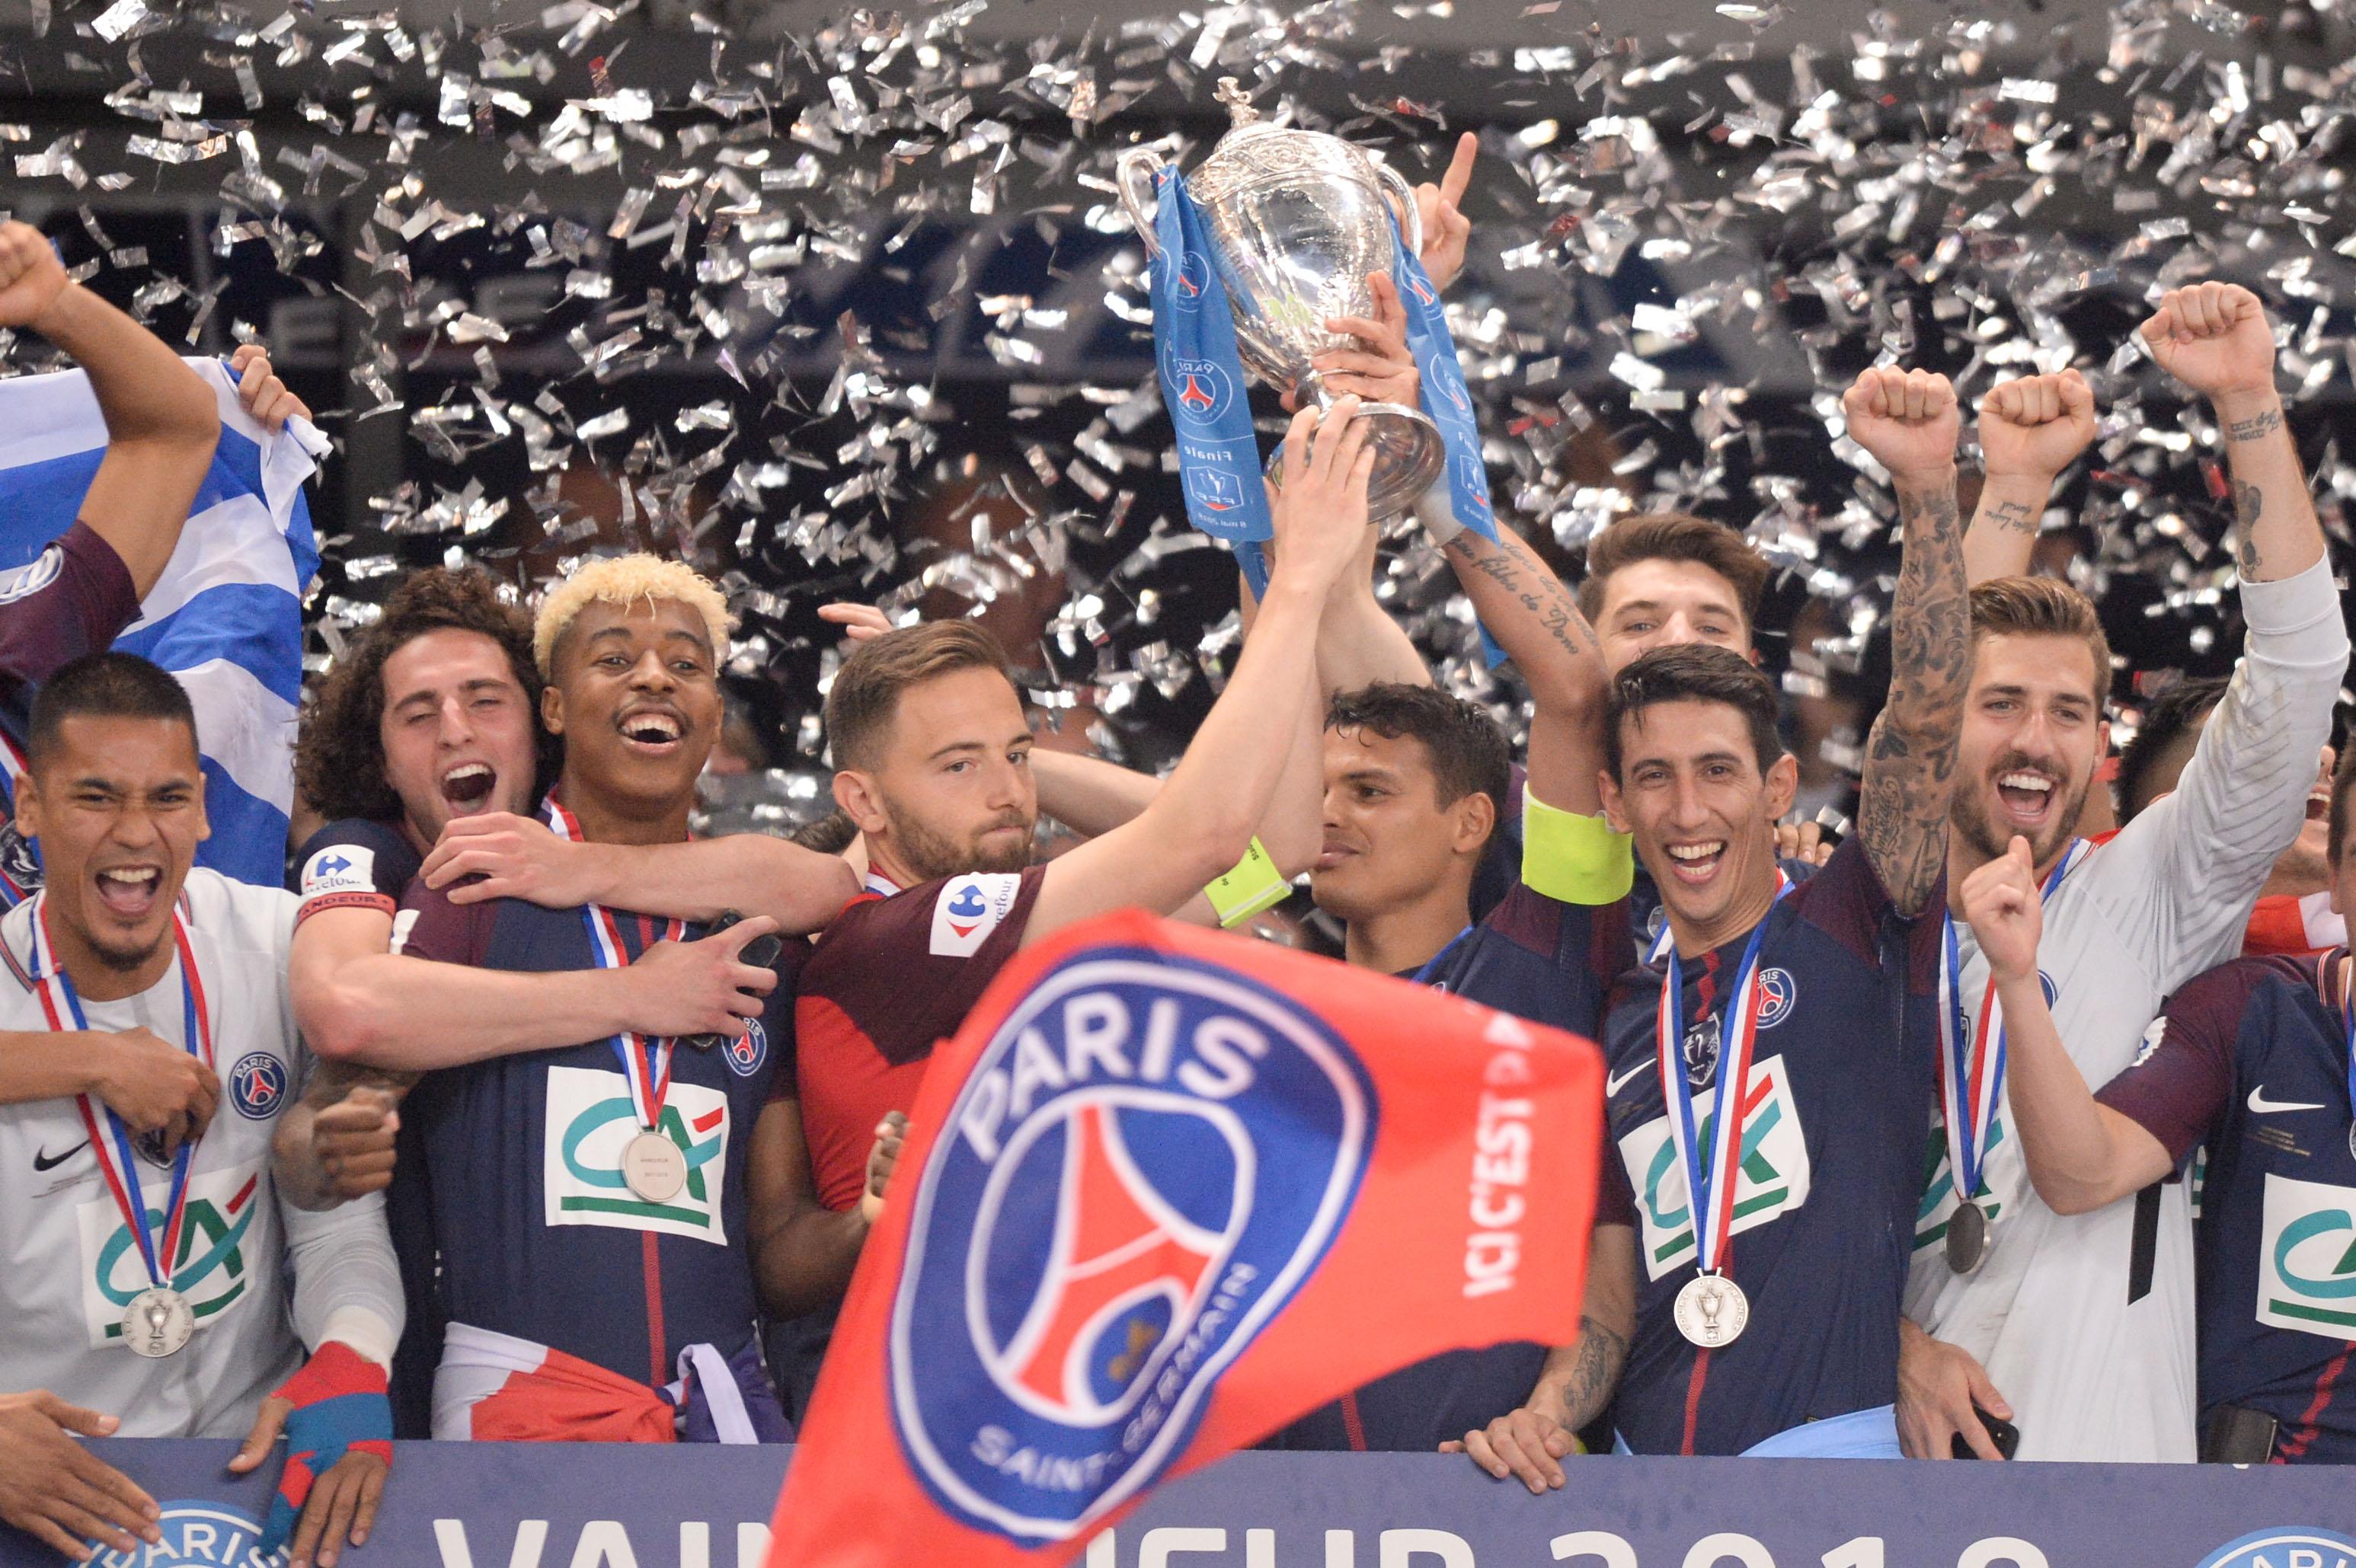 Football - Coupe de France - Les Herbiers-PSG : Coups de coeur/Coups de griffe de nos envoyés spéciaux